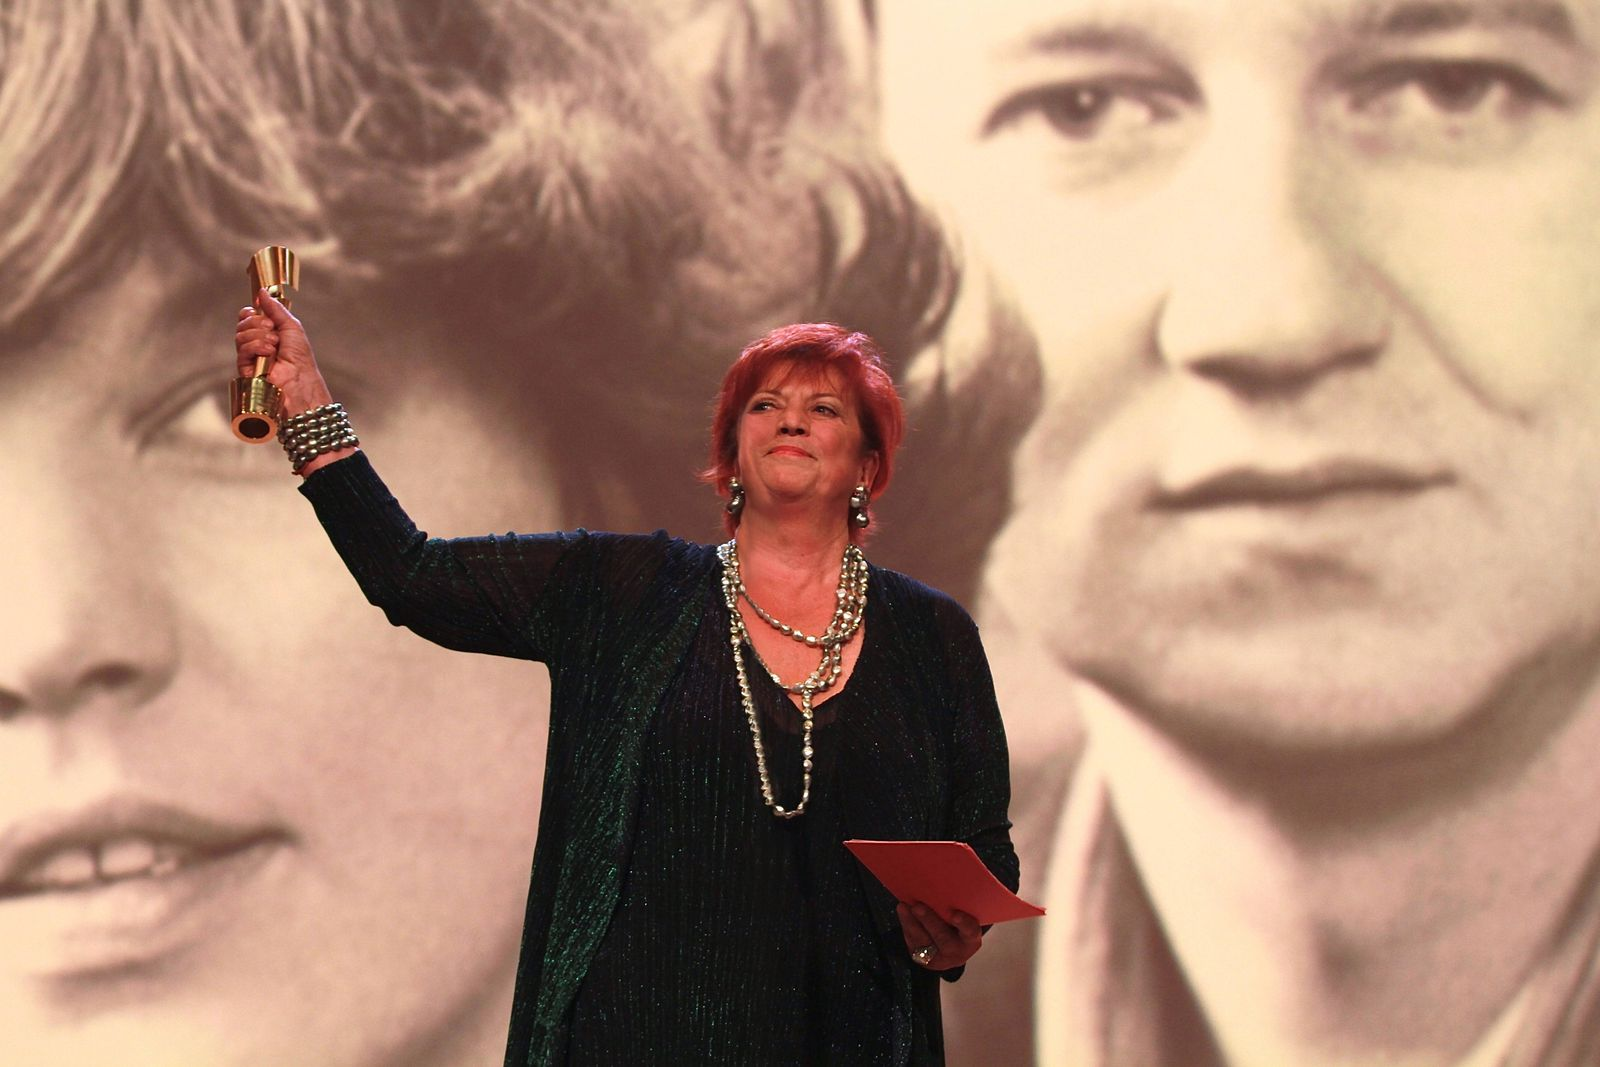 Porträtfoto von Regina Ziegler bei der Verleihung des Deutschen Filmpreises (Fotograf: Jacob Manthey)